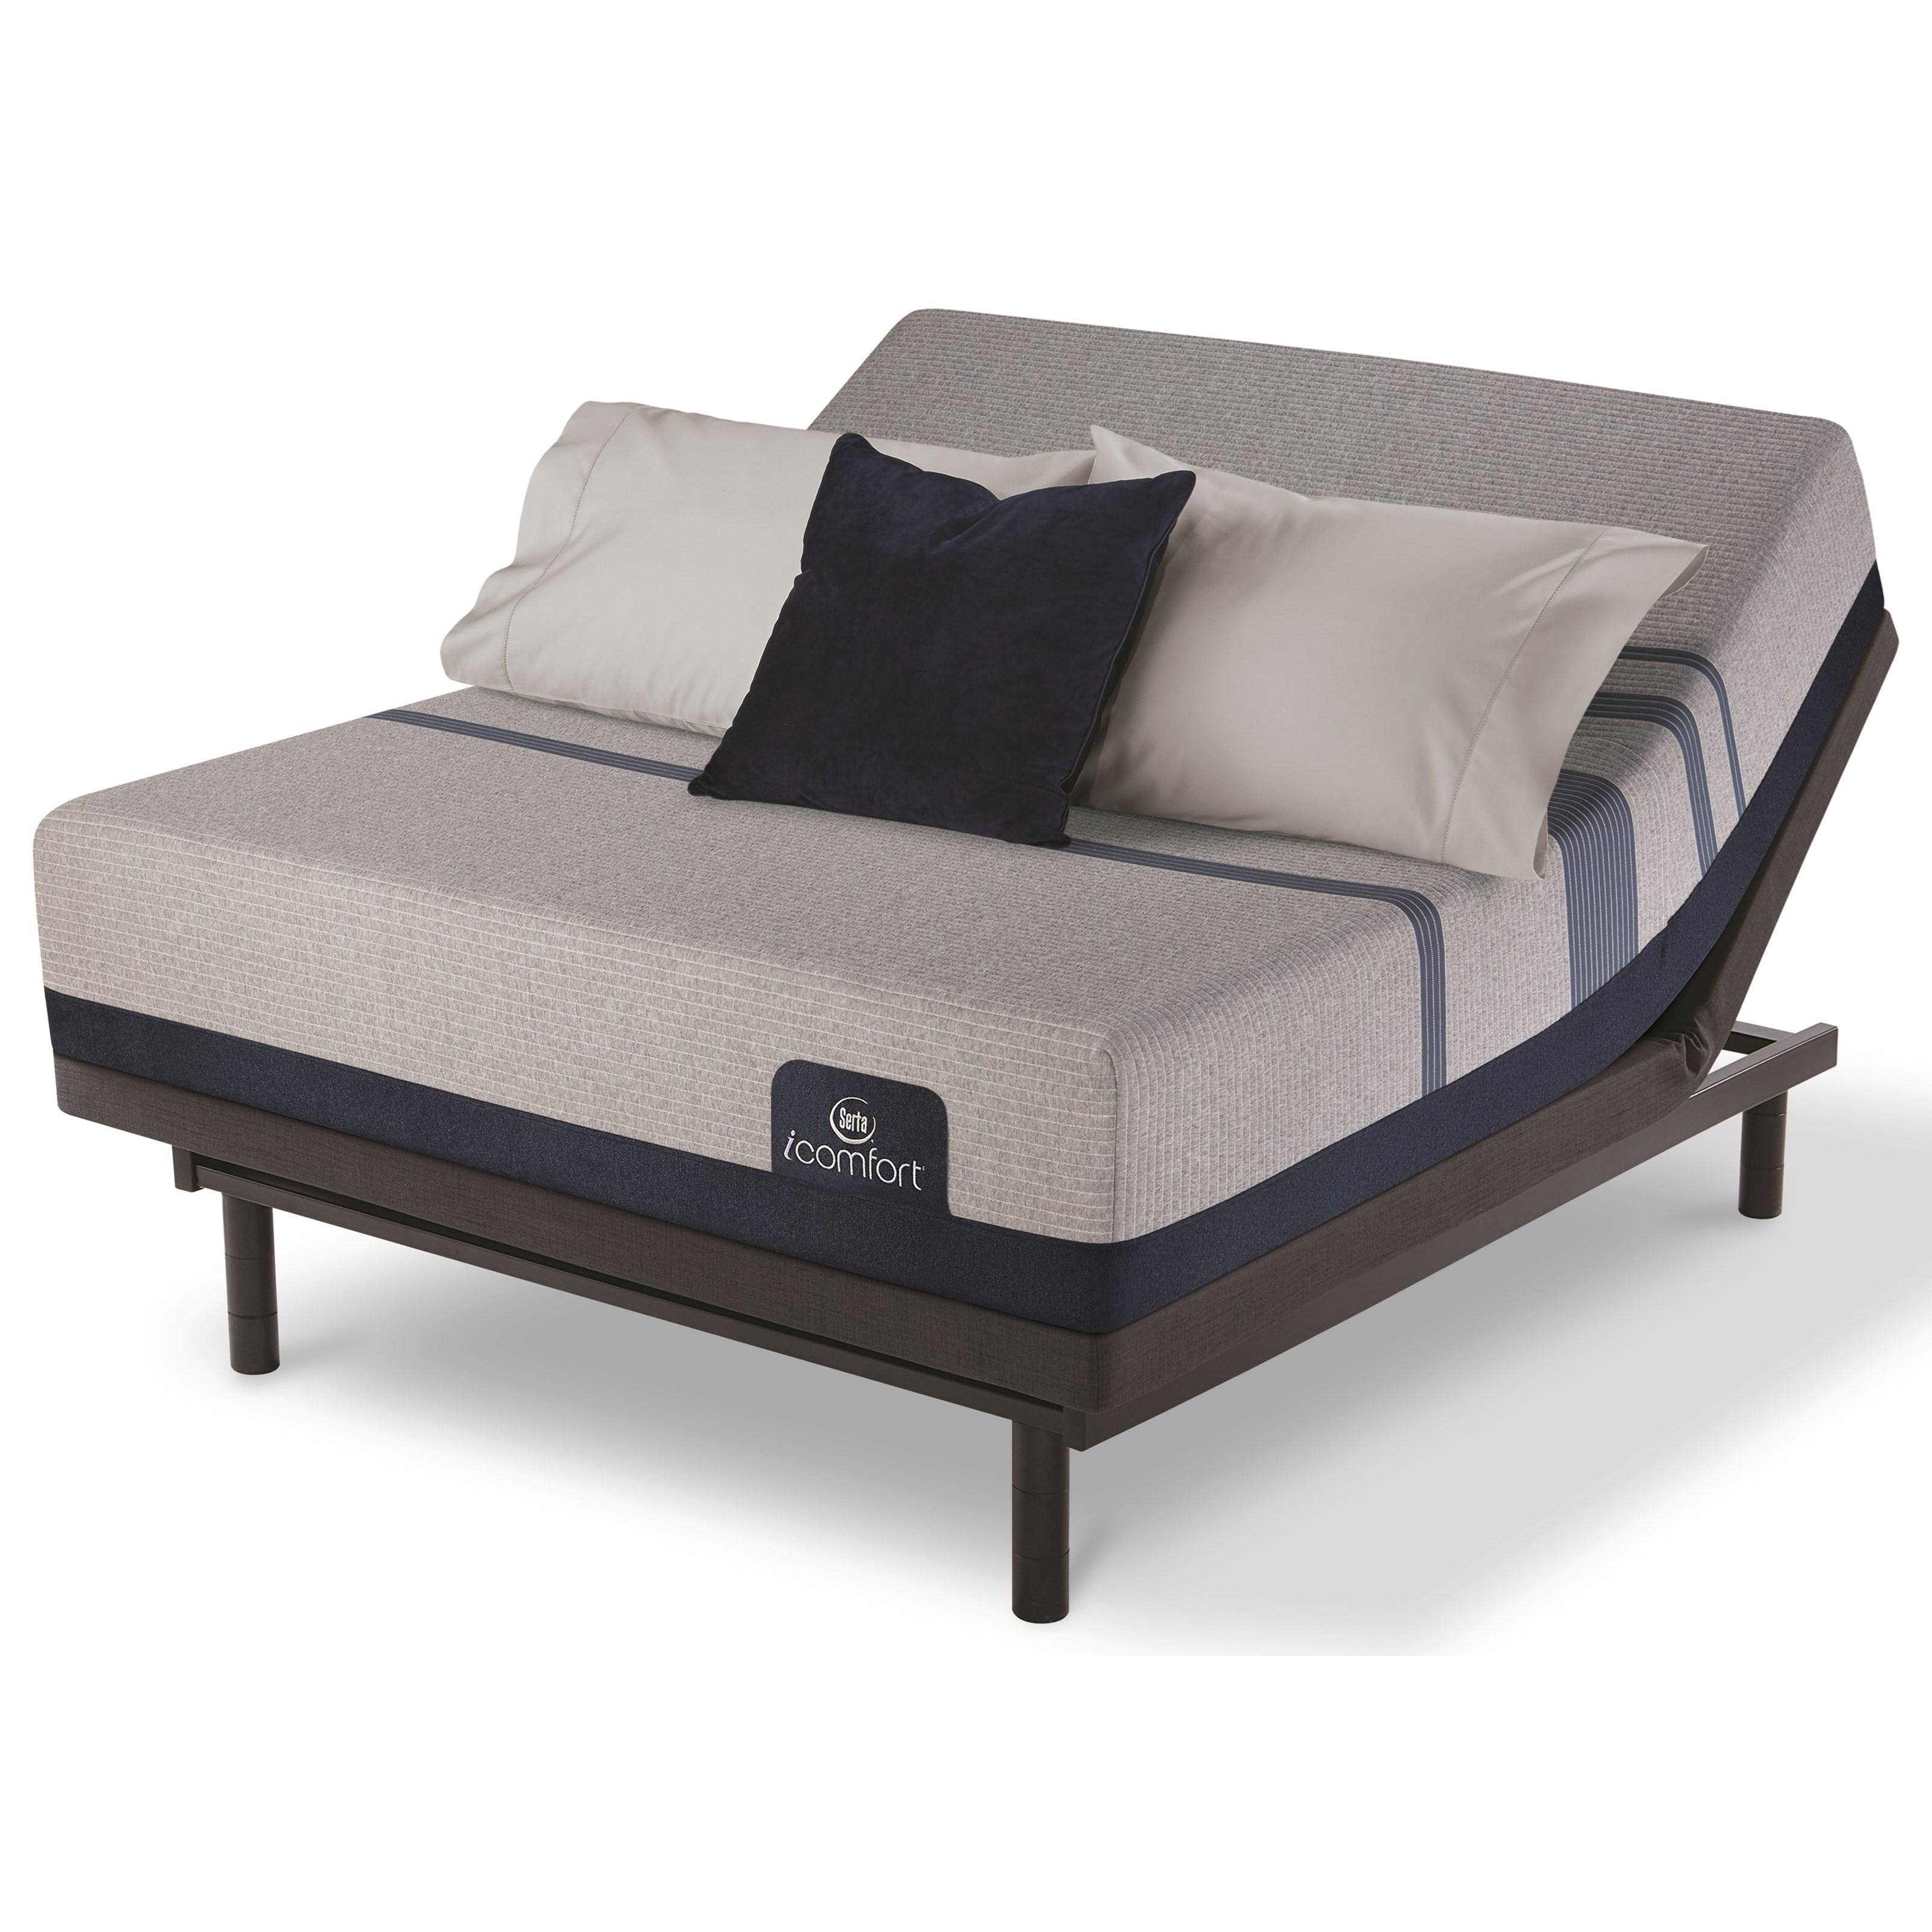 Serta iComfort Blue Max 1000 Cushion Firm Twin XL Cushion Firm Memory Foam Adj Set - Item Number: 500801268-1020+500826619-7520